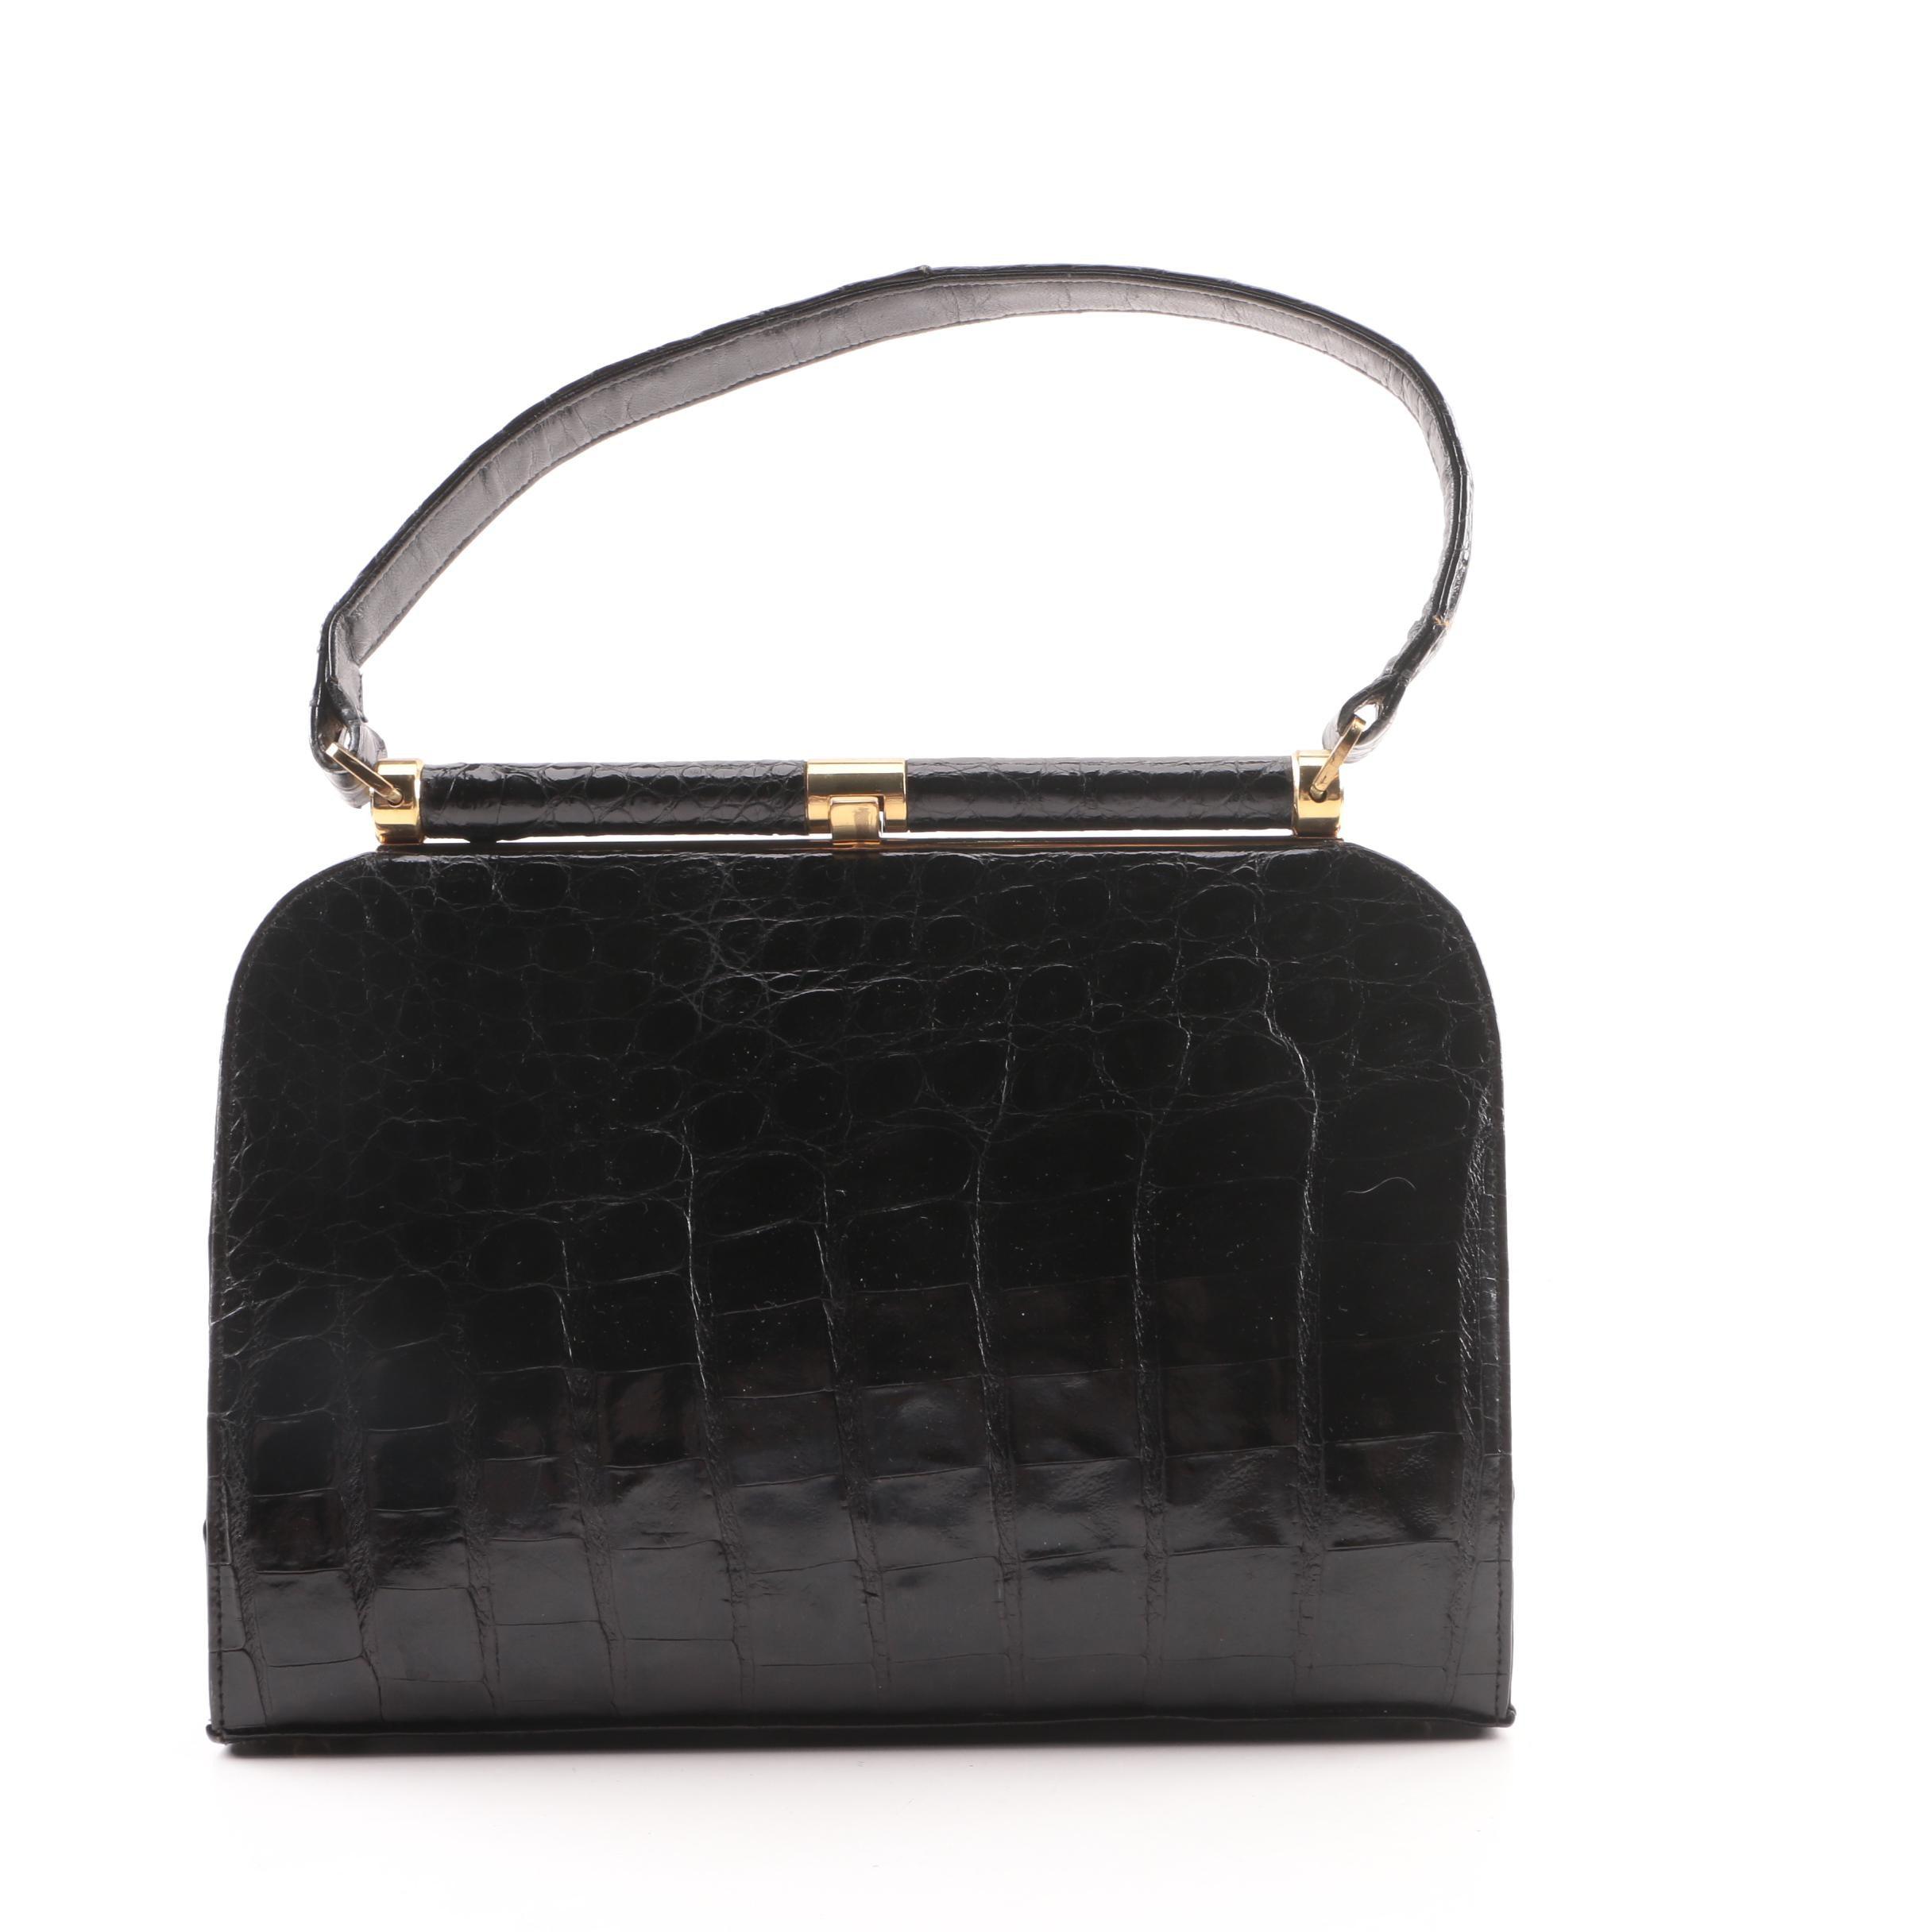 Vintage Saks Fifth Avenue Black Alligator Frame Top Handle Bag